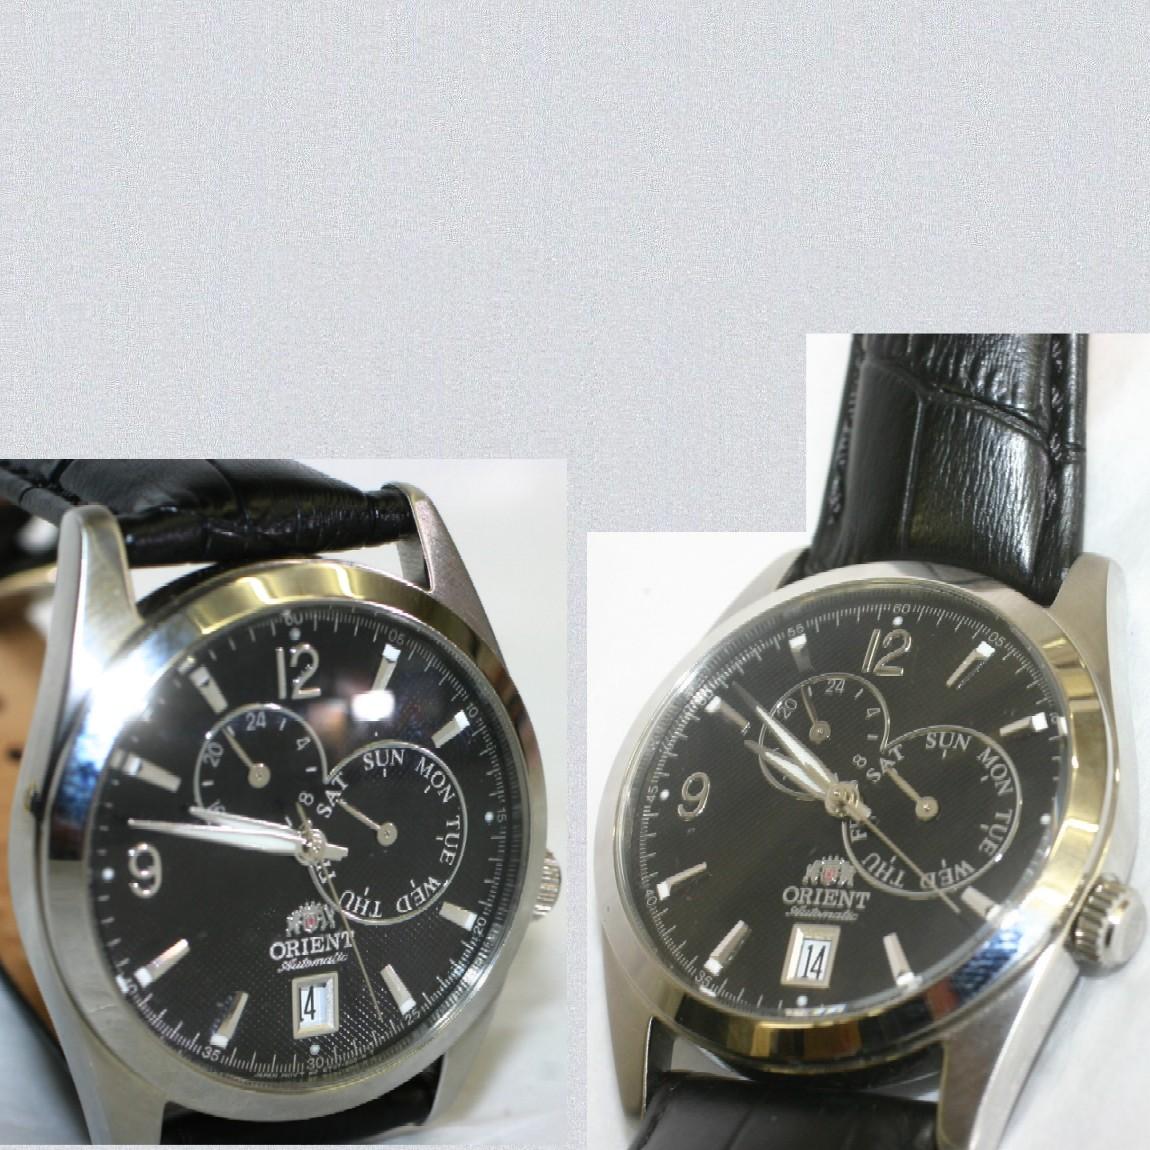 【中古】本物ほぼ新品オリエント紳士用50m防水自動巻きの時計ET07-C2-C